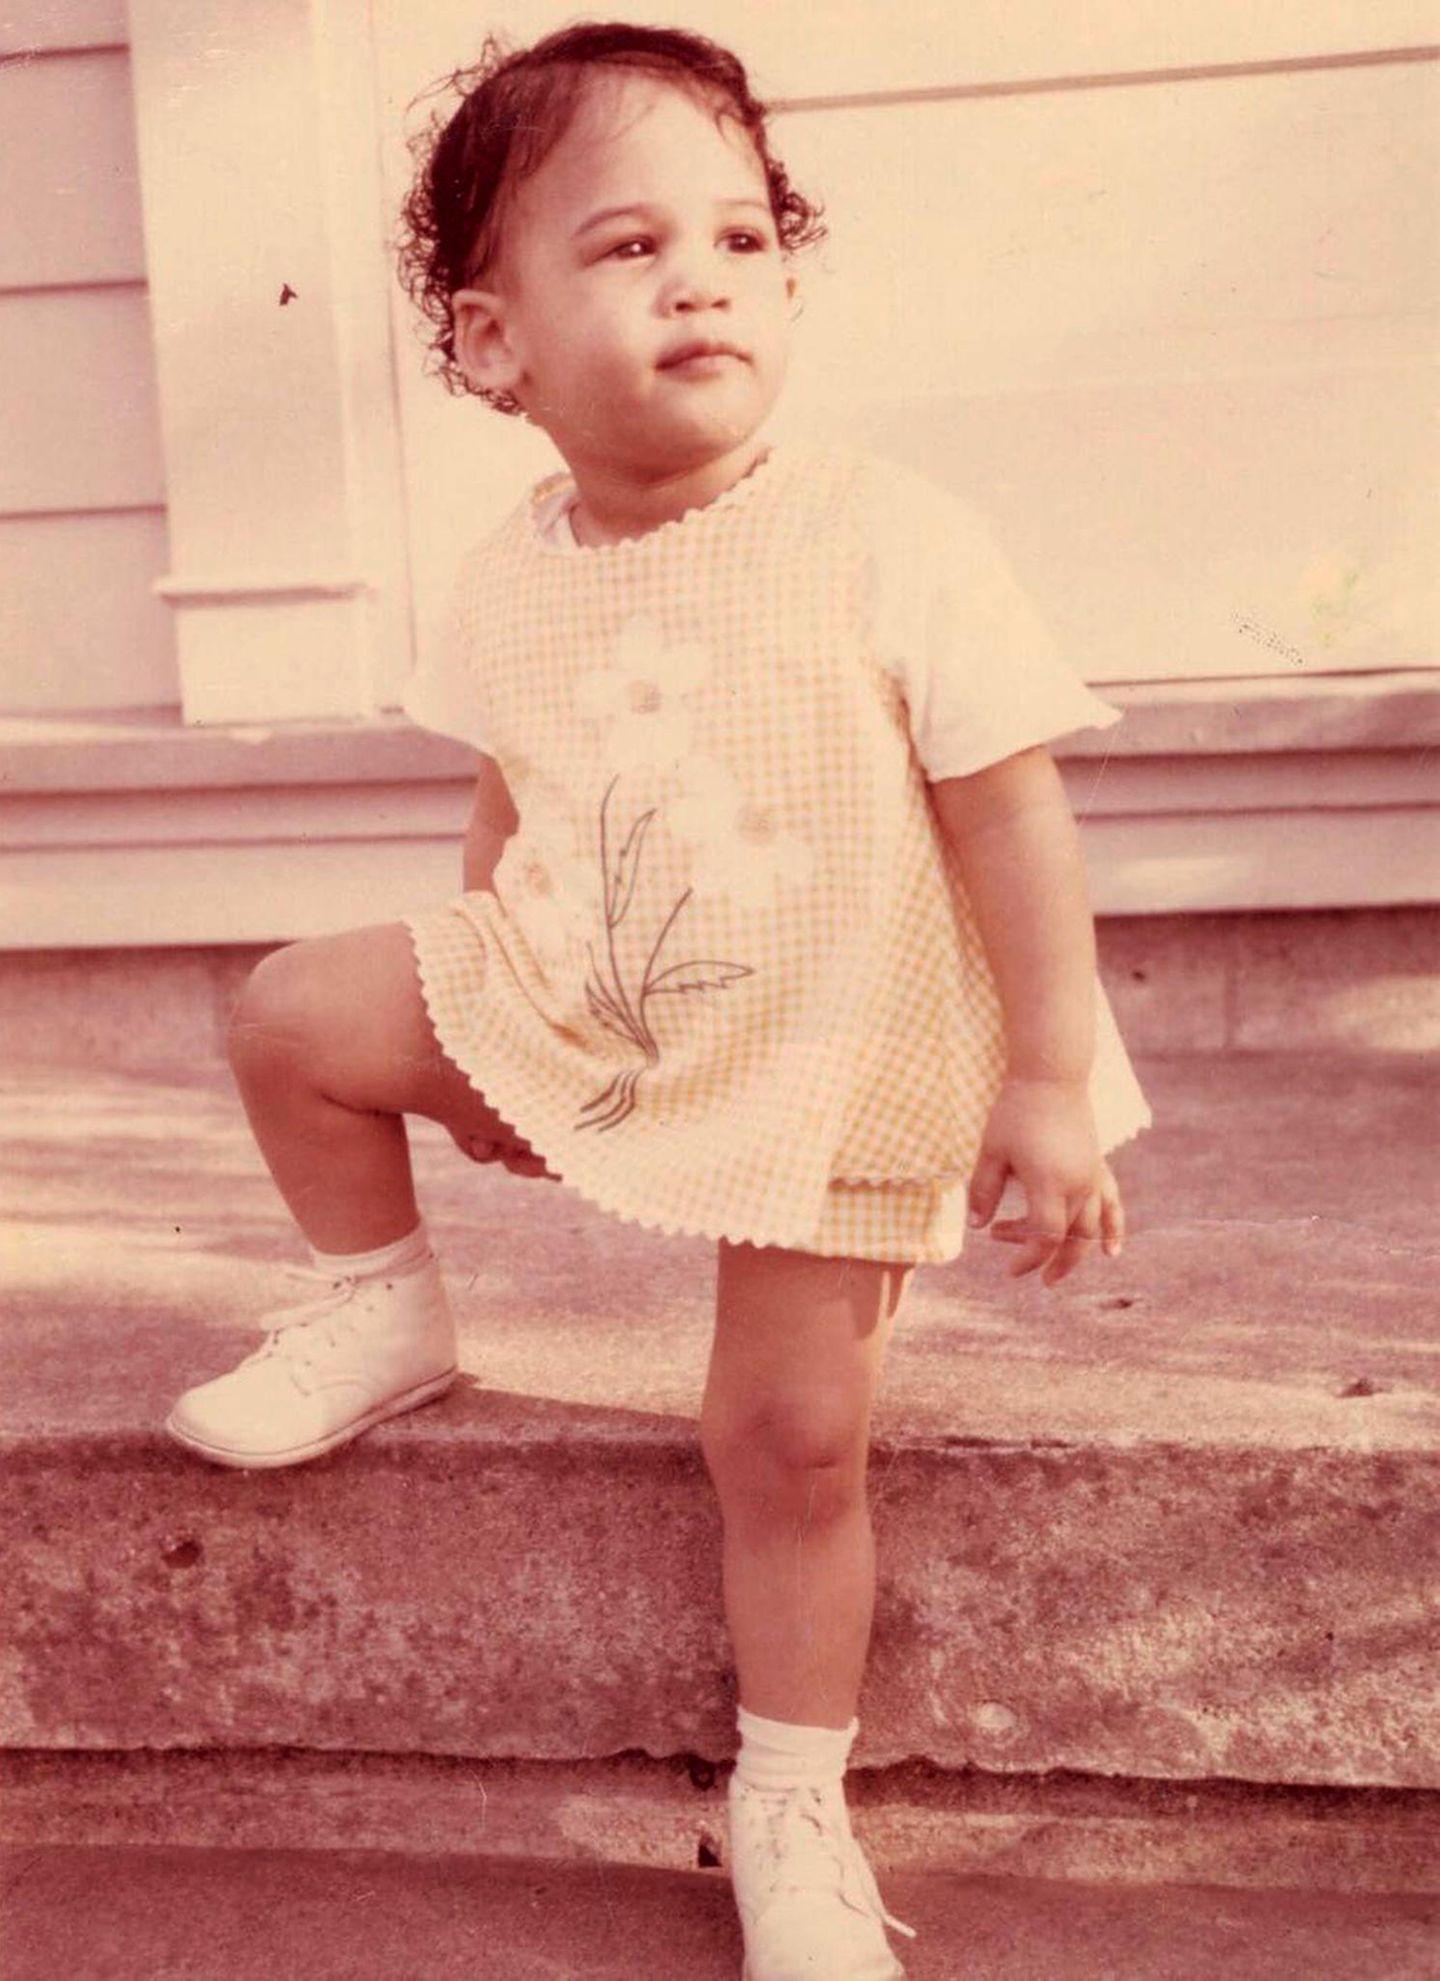 Kamala Harris  Schon früher hat die 1964 geborene Akademiker-Tochter einen festen Stand, ihr Werdegang als Juristin und Politikerin ist beeindruckend, aber hat sie damals schon ahnen können, dass sie einmal Geschichte schreiben würden?